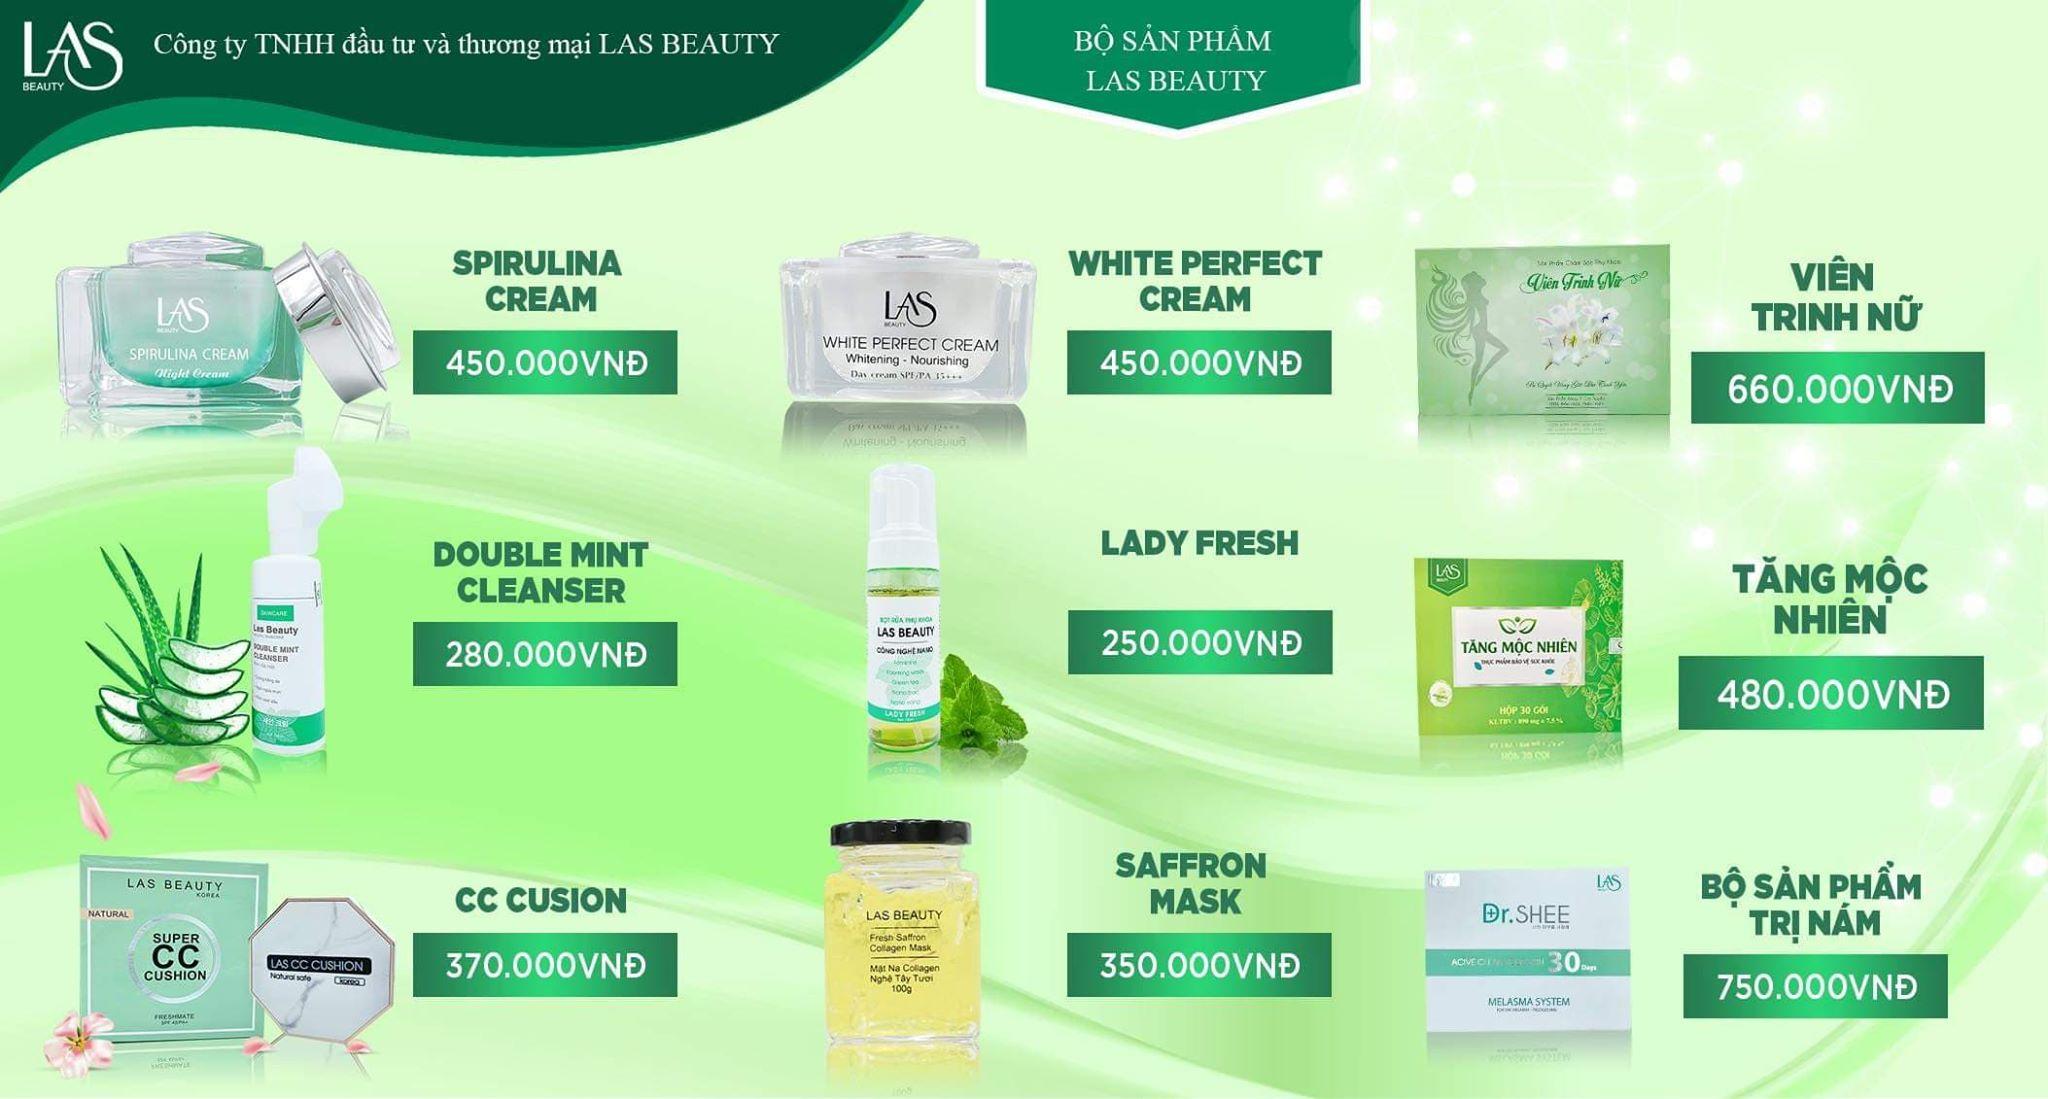 Bảng giá bán lẻ mỹ phẩm Las Beauty